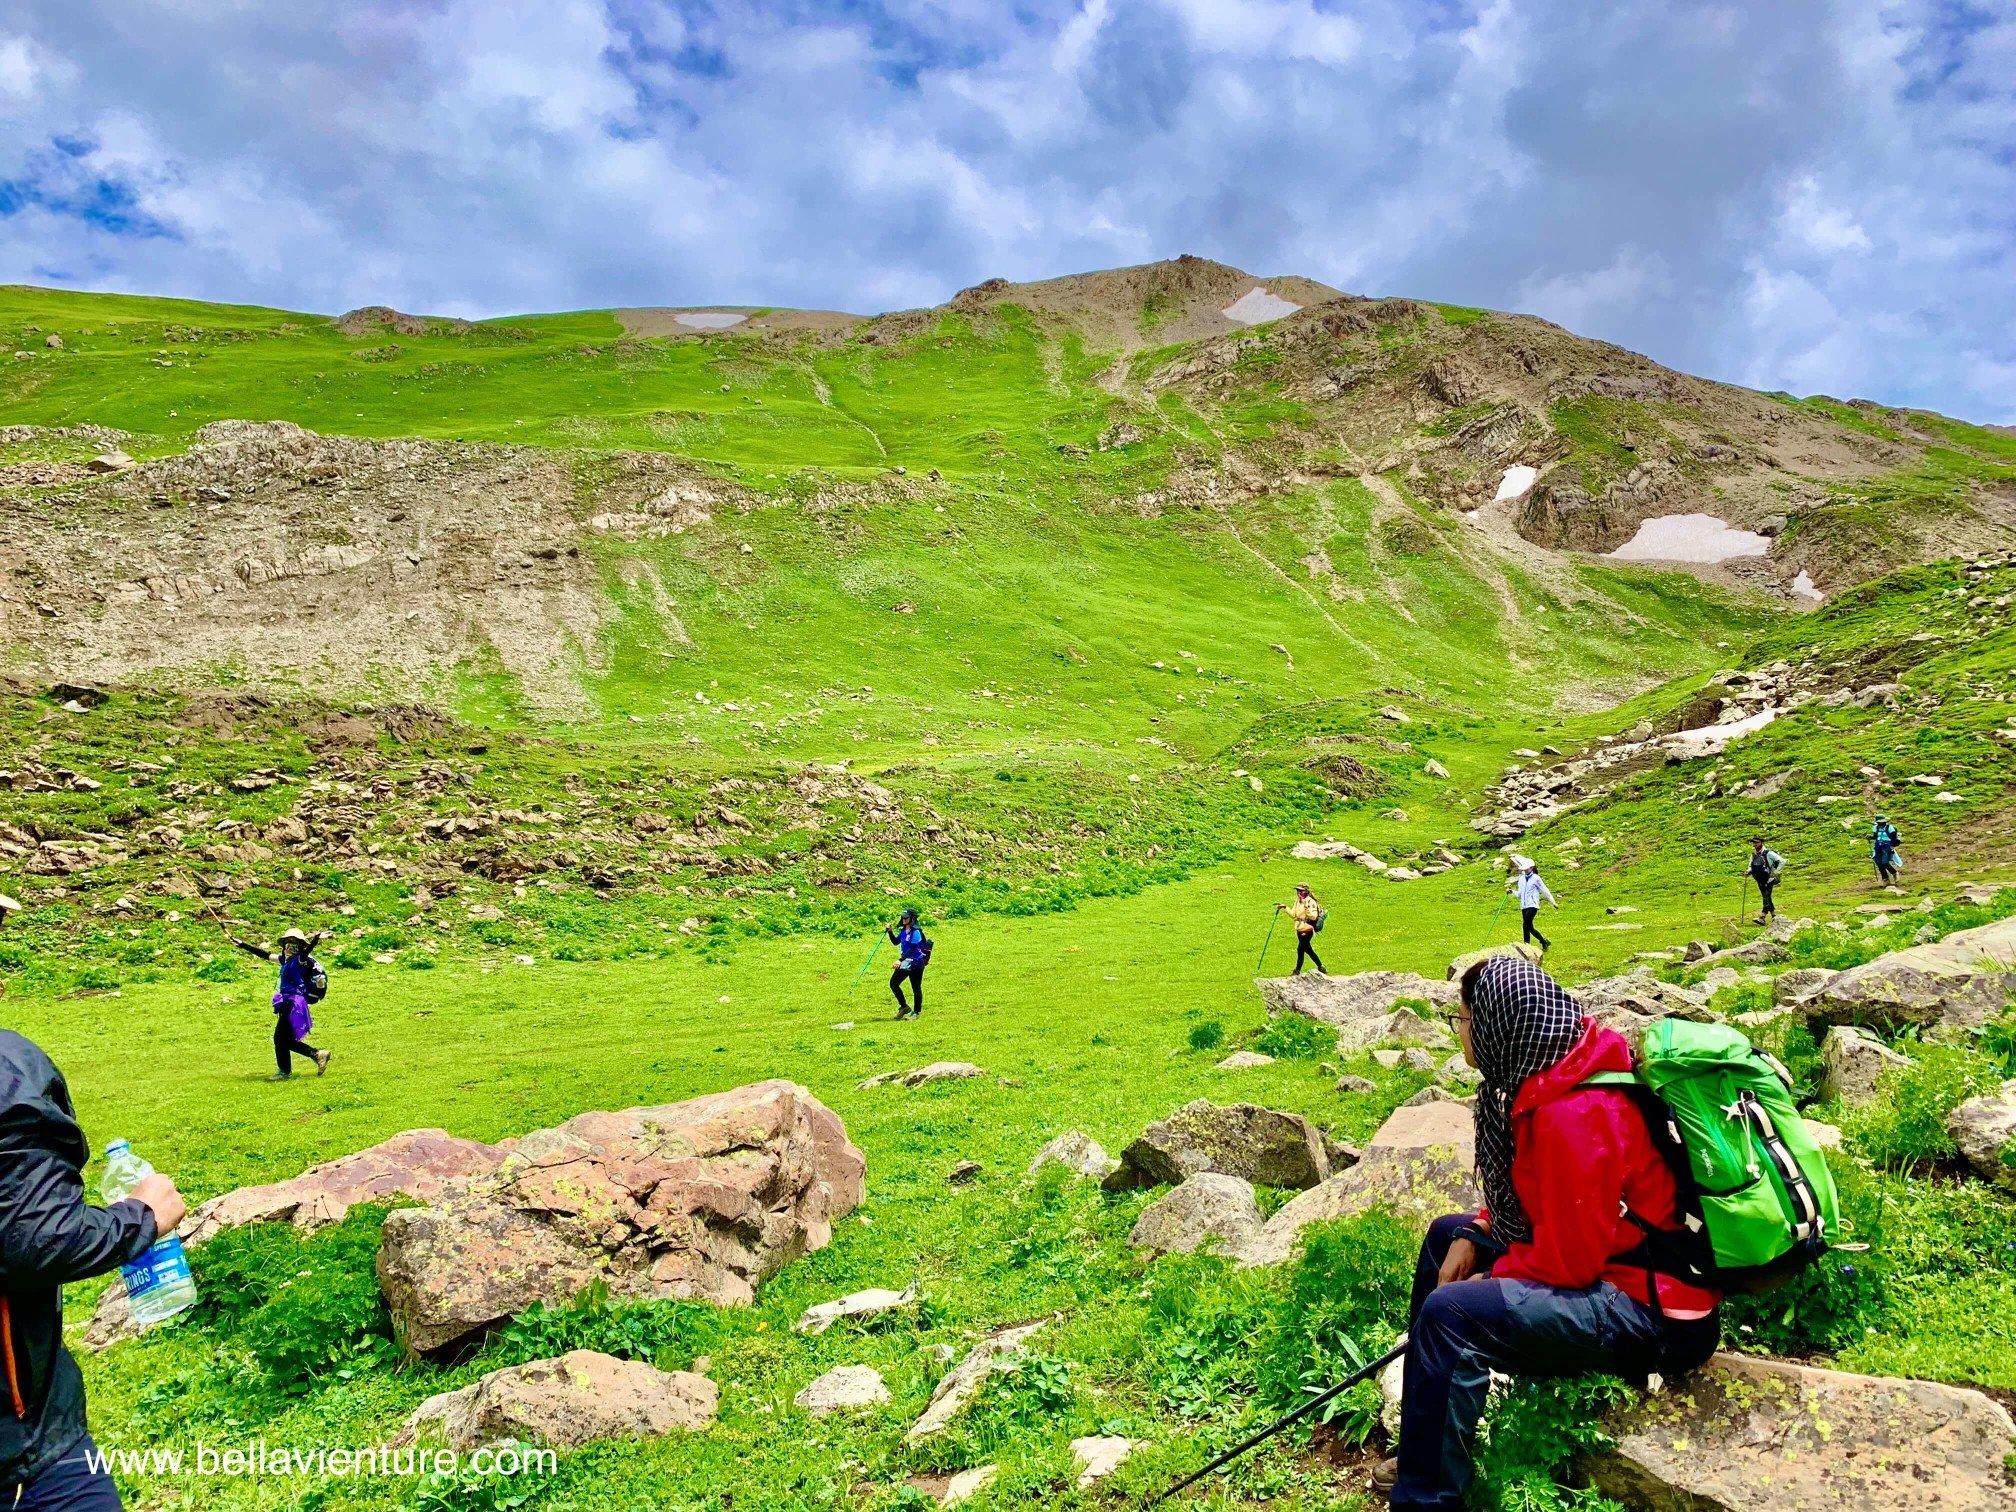 印度 India 北北印 North India 喀什米爾  Kashmir 八天七夜 健行 大自然 美景 泰國健行團